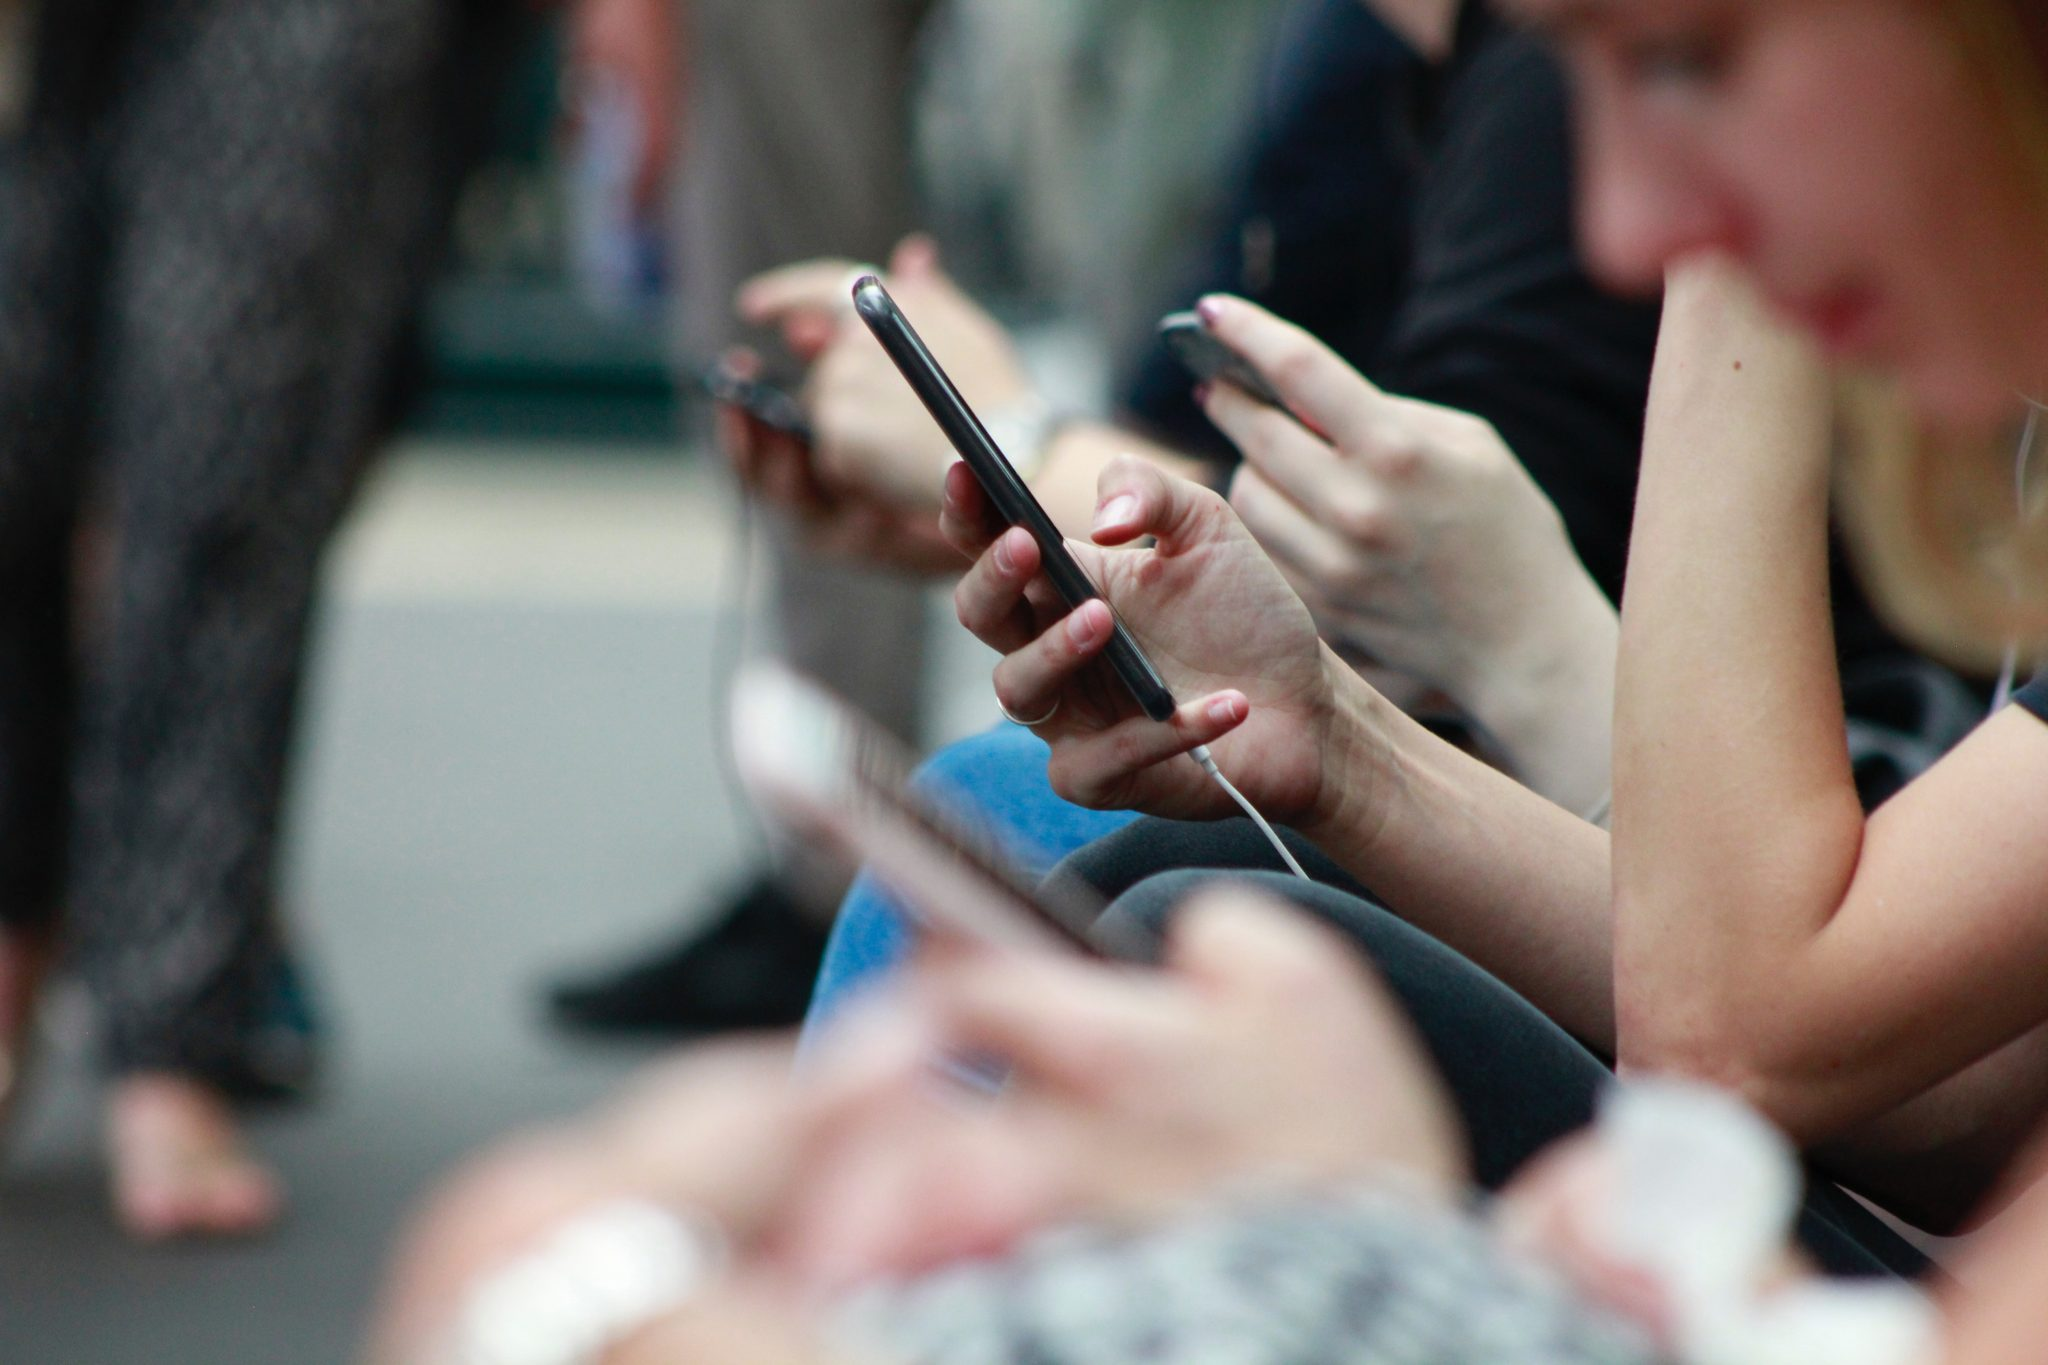 personnes utilisant des téléphones portables